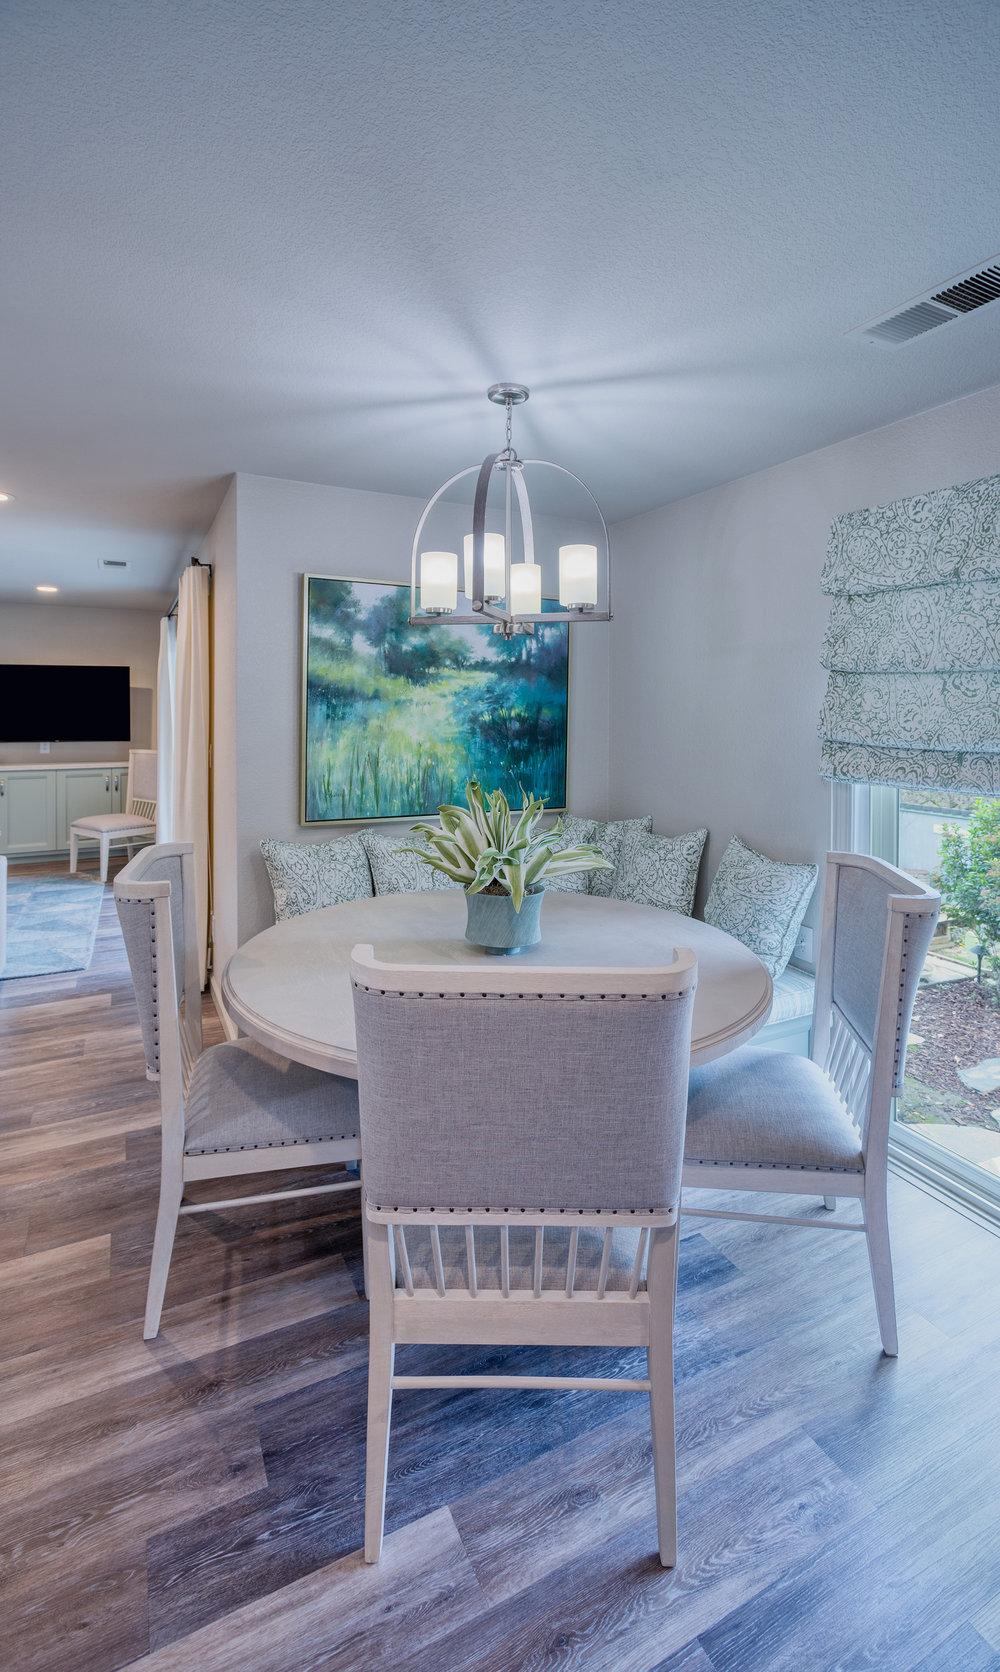 kitchen-remodel-lockeford-california-ktj-design-co-25.jpg